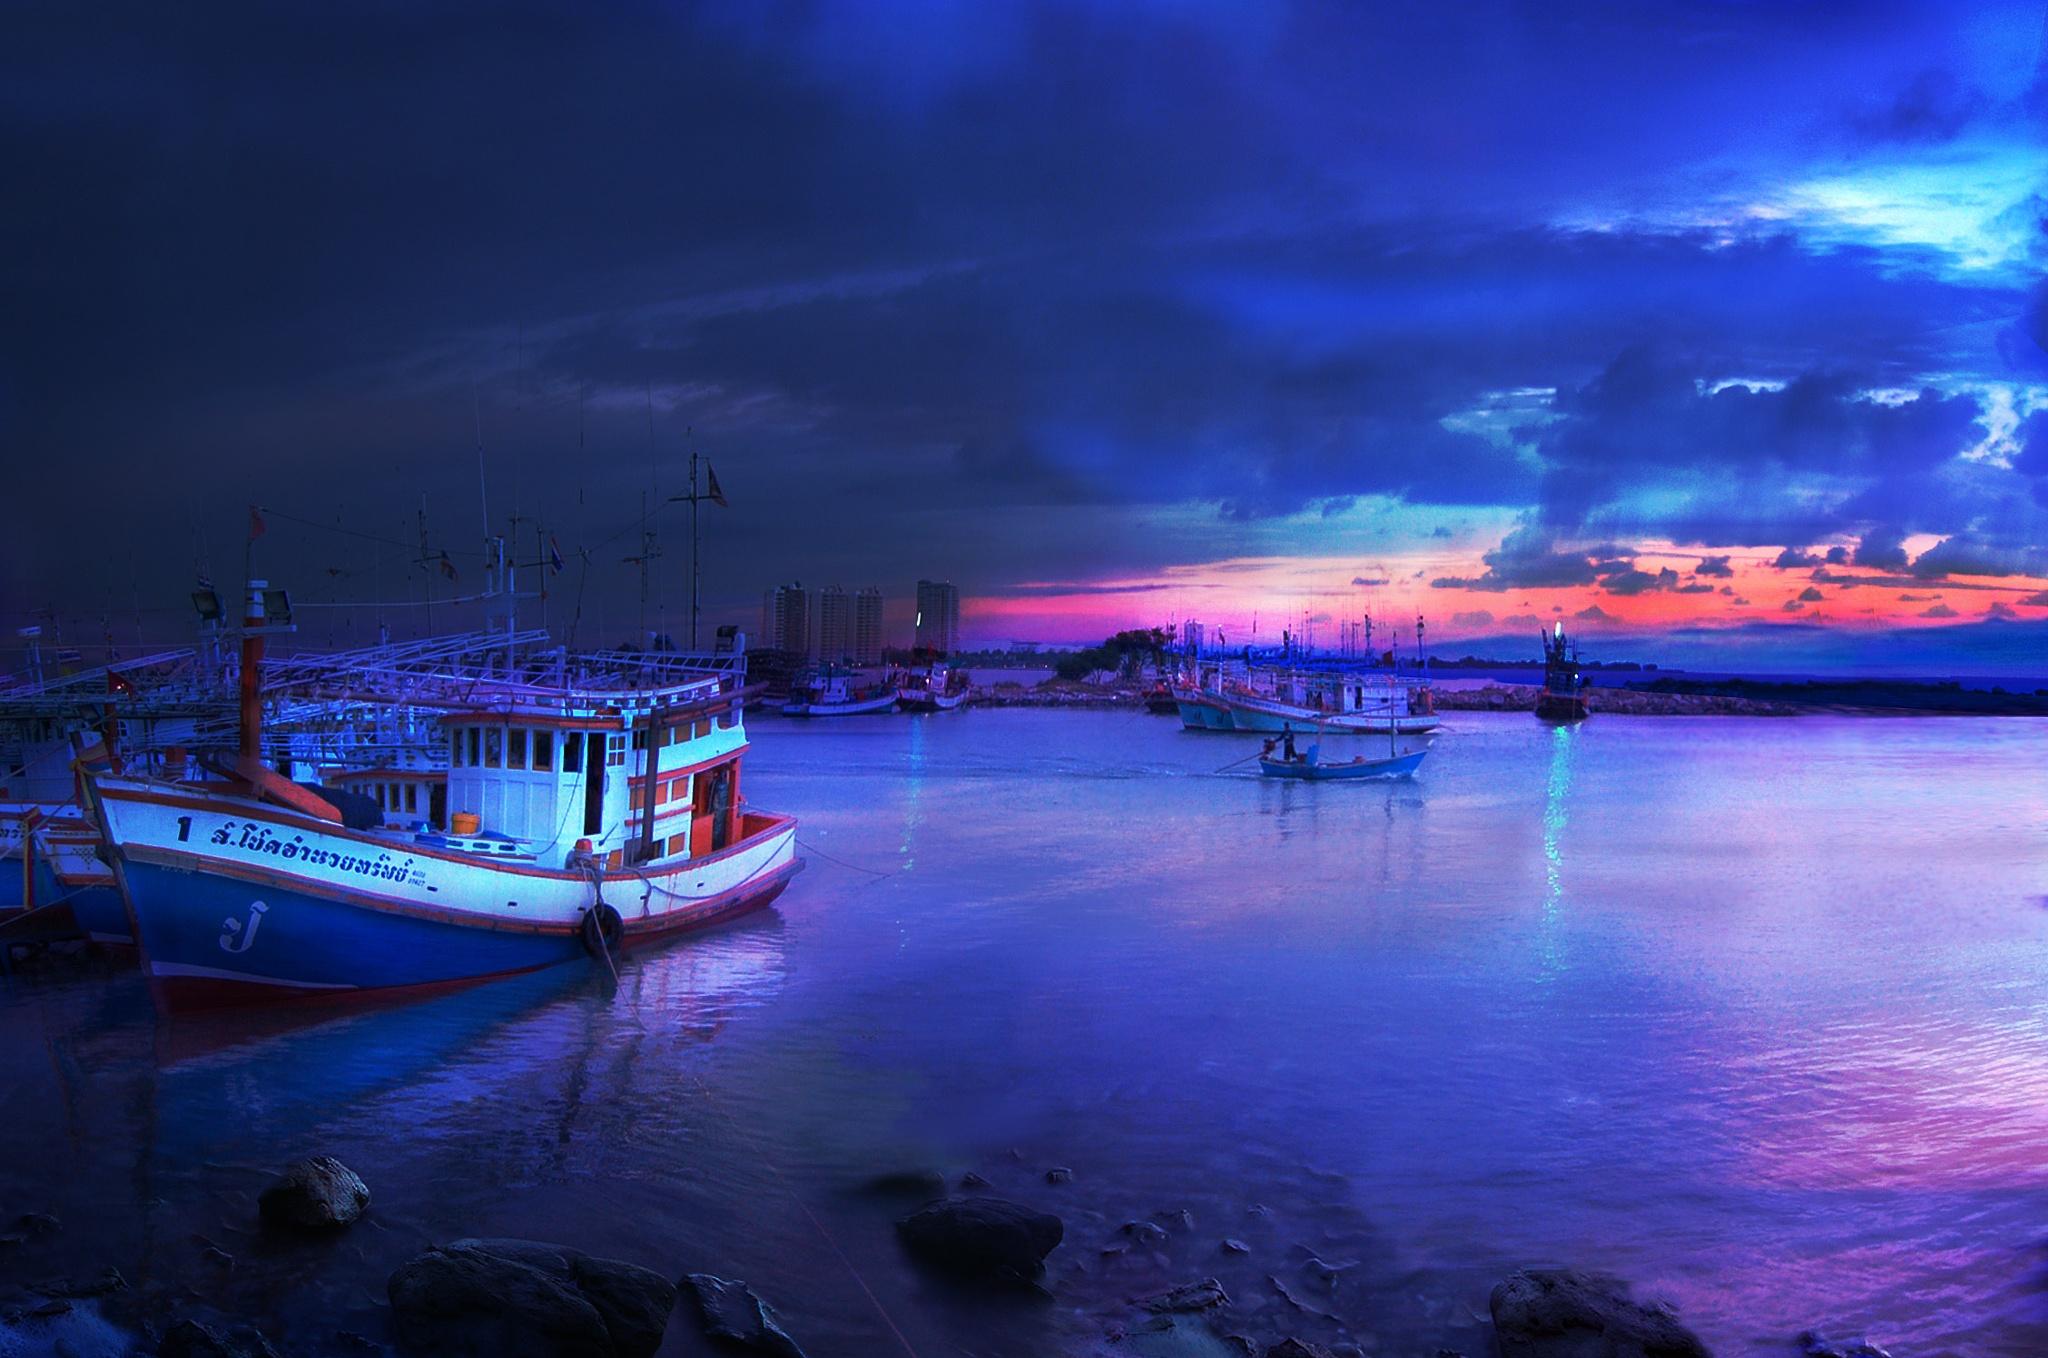 Blue hours by Giuseppe Castro